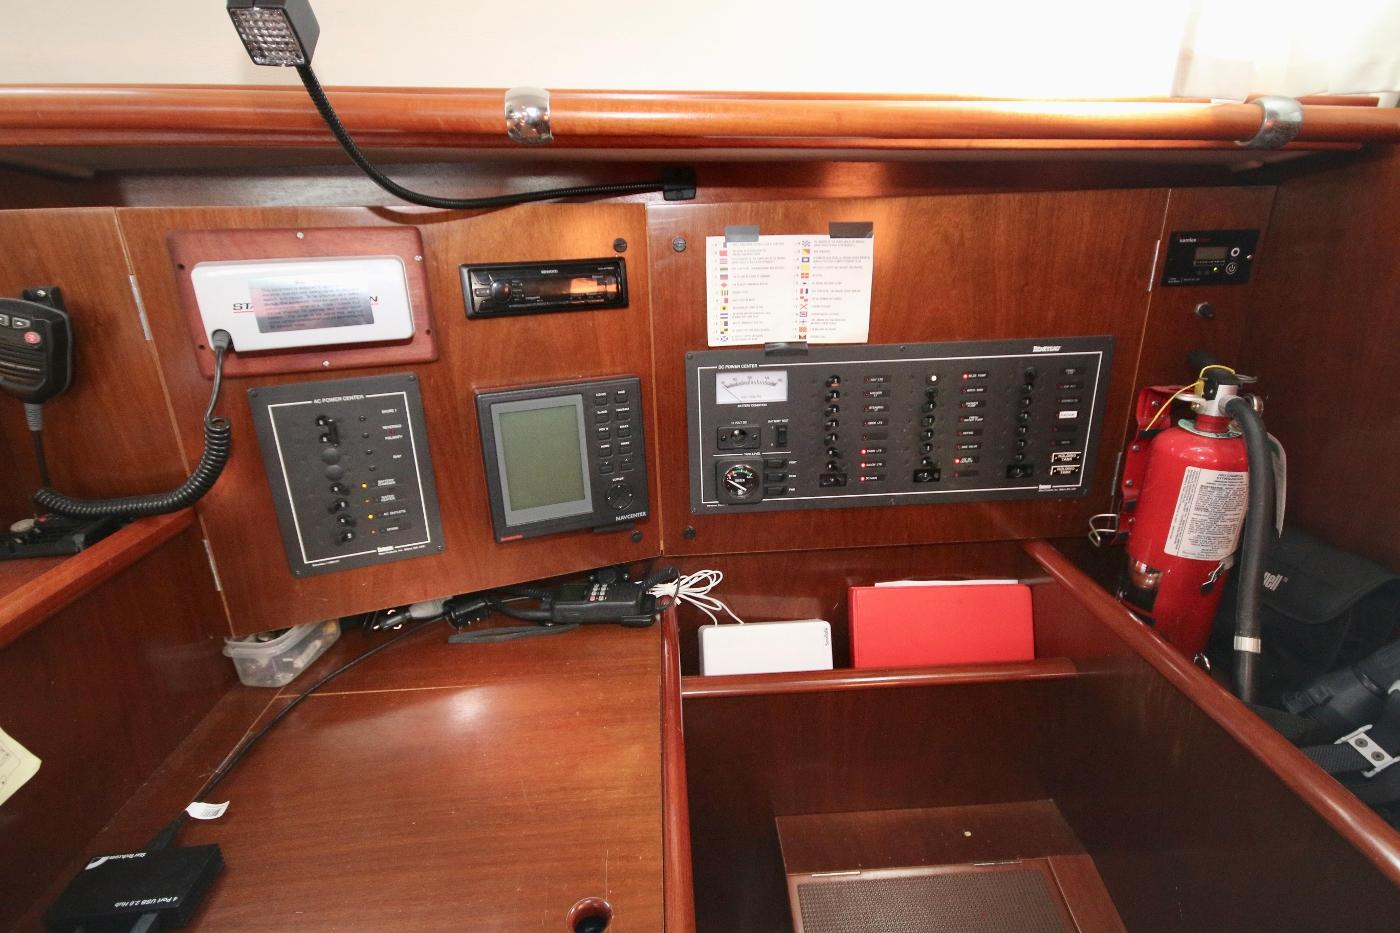 1997 Beneteau Oceanis 461, Navigation Table & DC/AC Panels